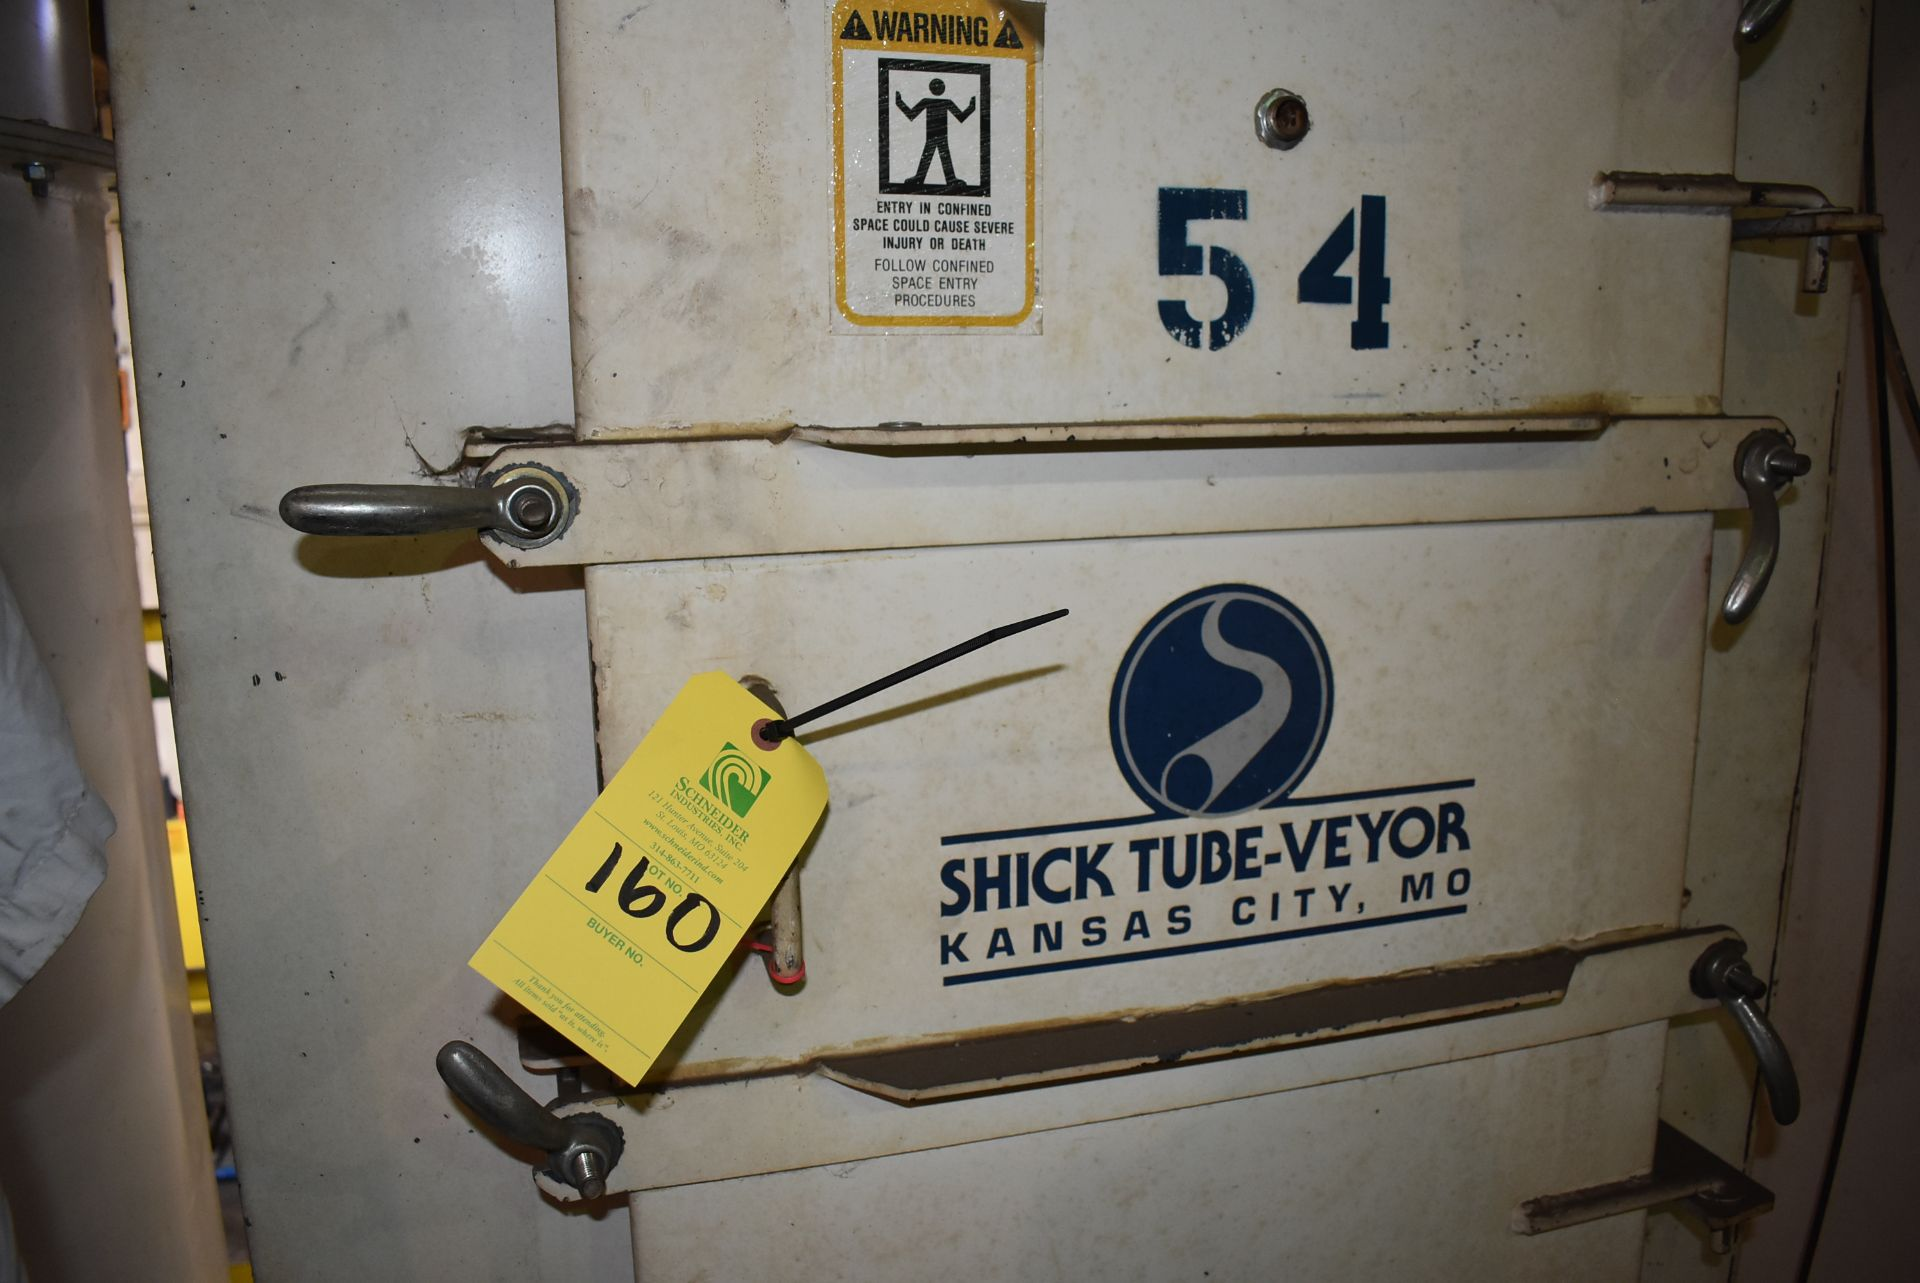 Shick Tube-Veyor Model #58A025 Auto Jet Filter System - Image 2 of 3